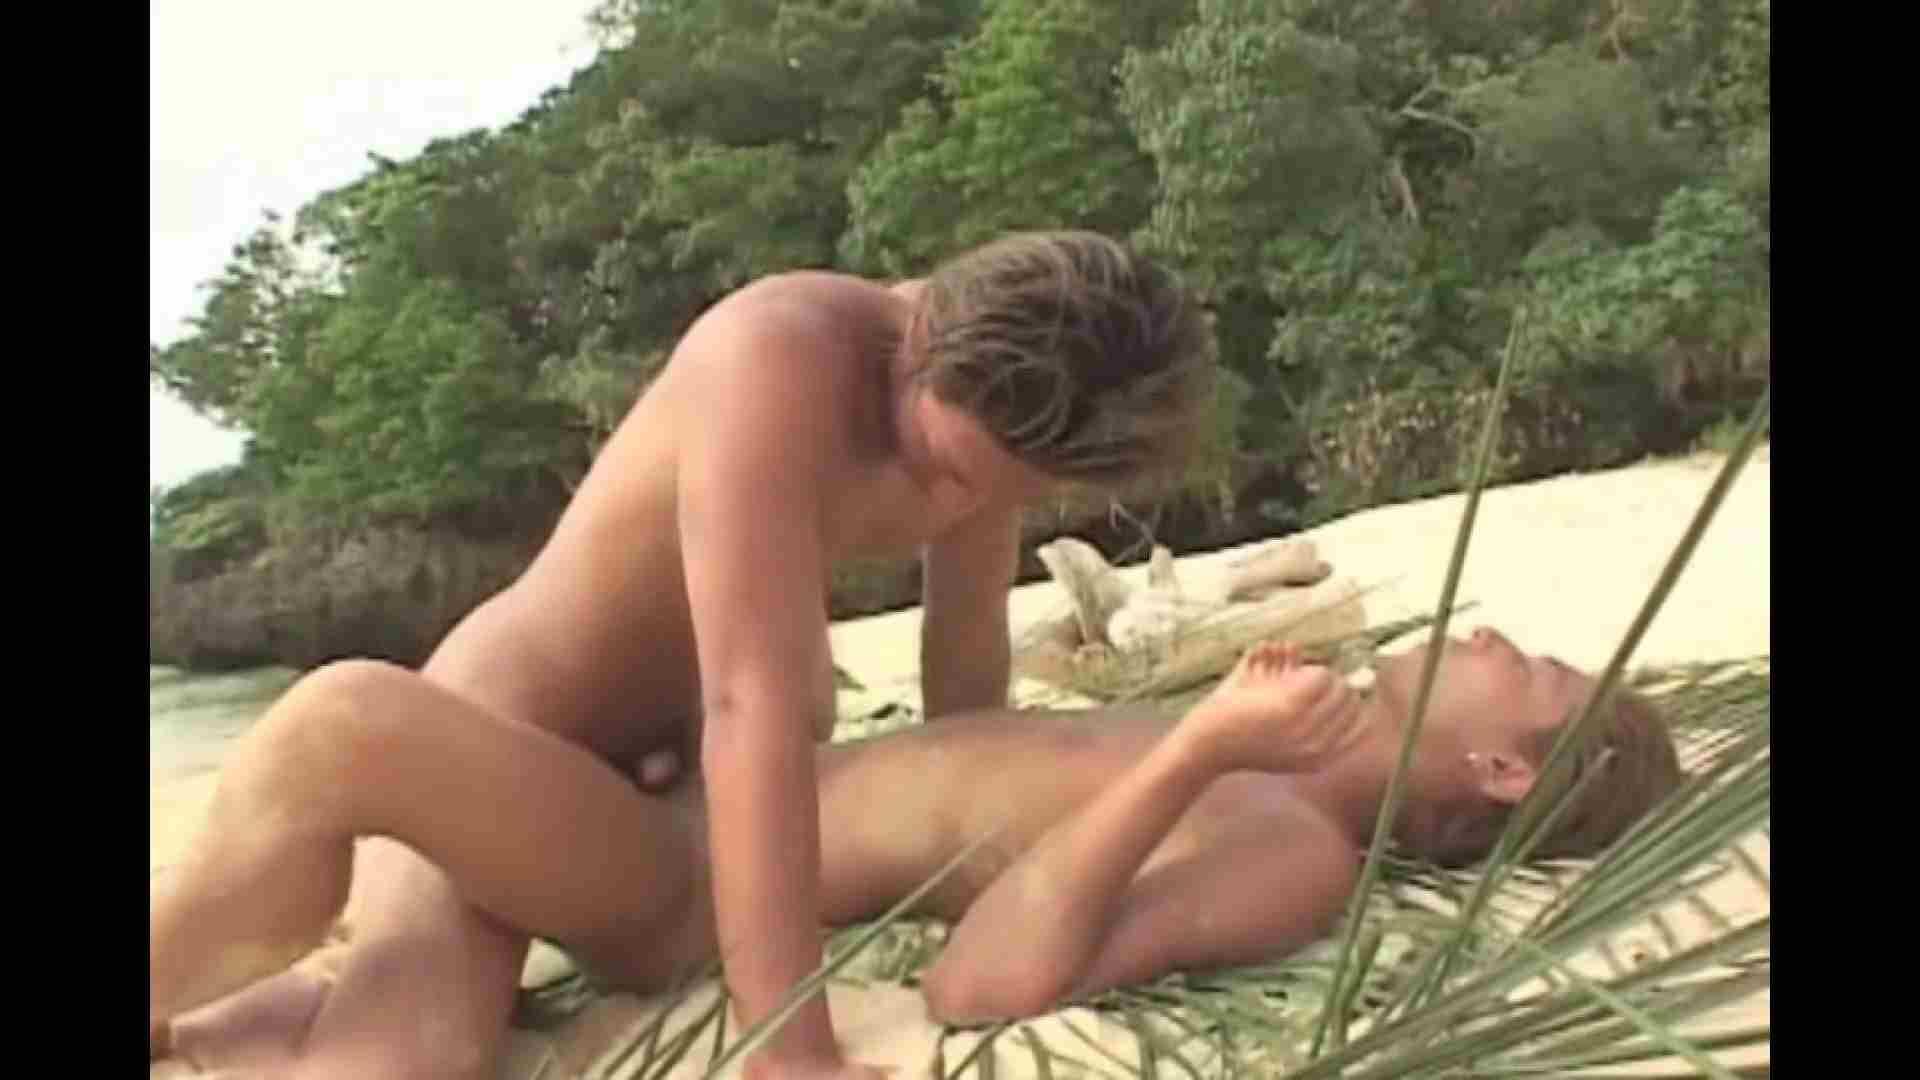 突然ですがしゃぶらせてください Vol.26 野外で露出 ゲイエロビデオ画像 80pic 63